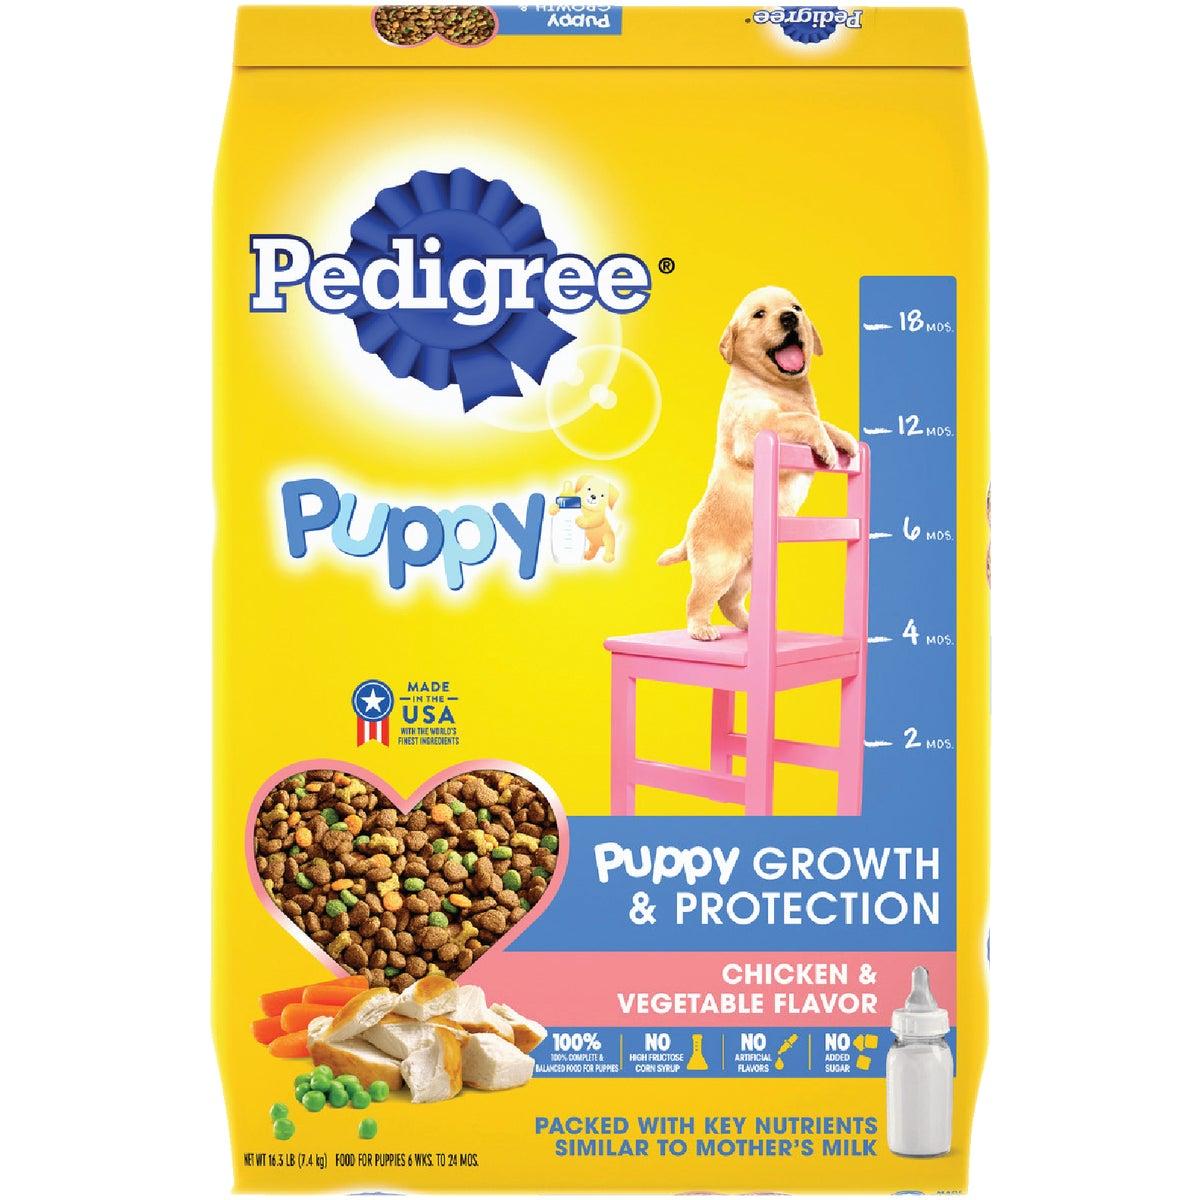 16LB PUPPY CHKN DOG FOOD